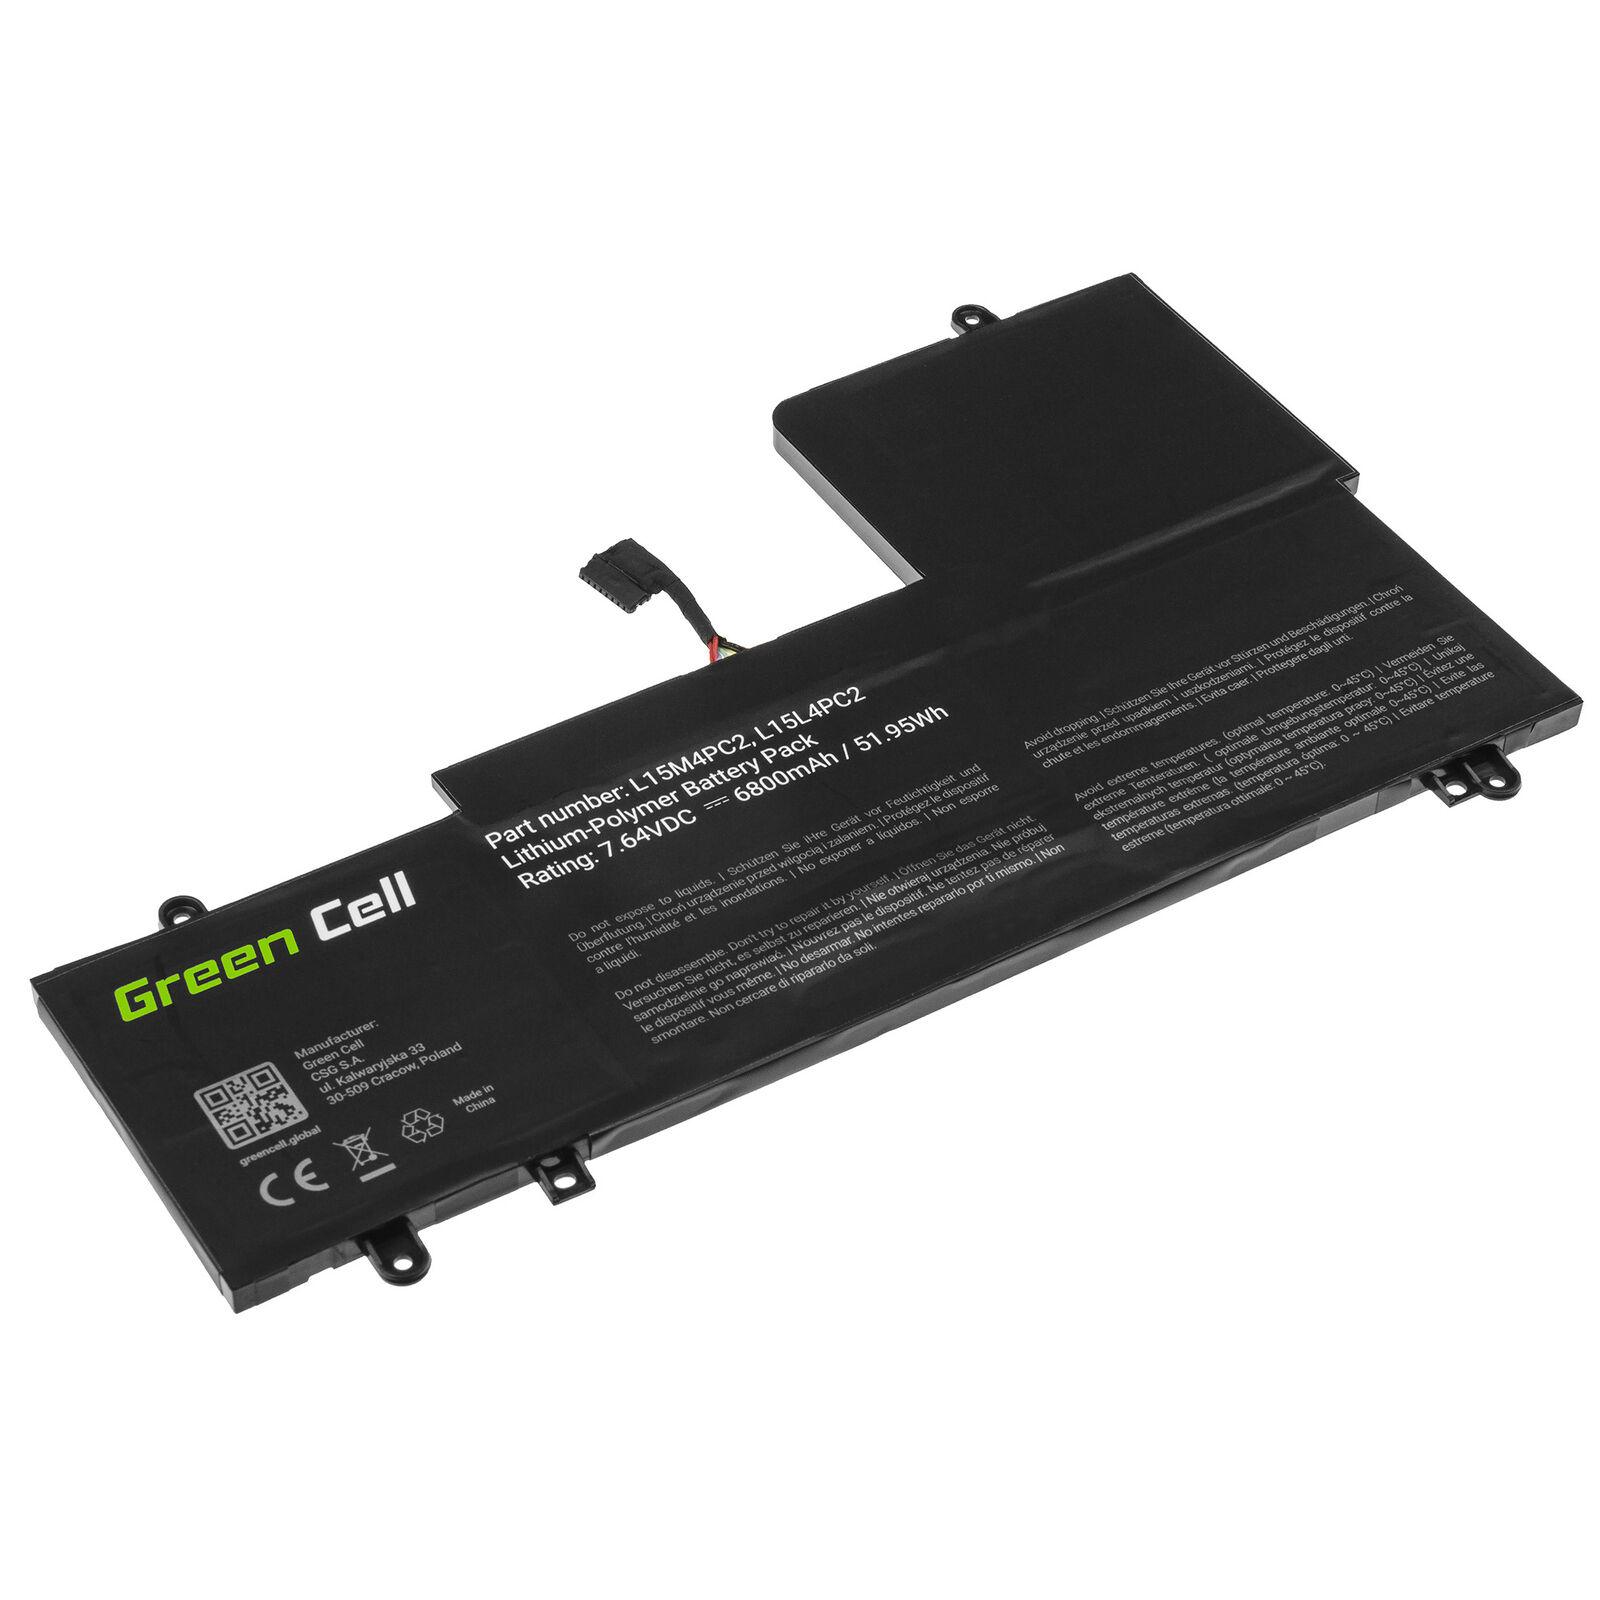 Akku für pour Lenovo Yoga 710-14 710-14IKB 710-14ISK 710-15 710-15IKB 710-15ISK(Ersatz)